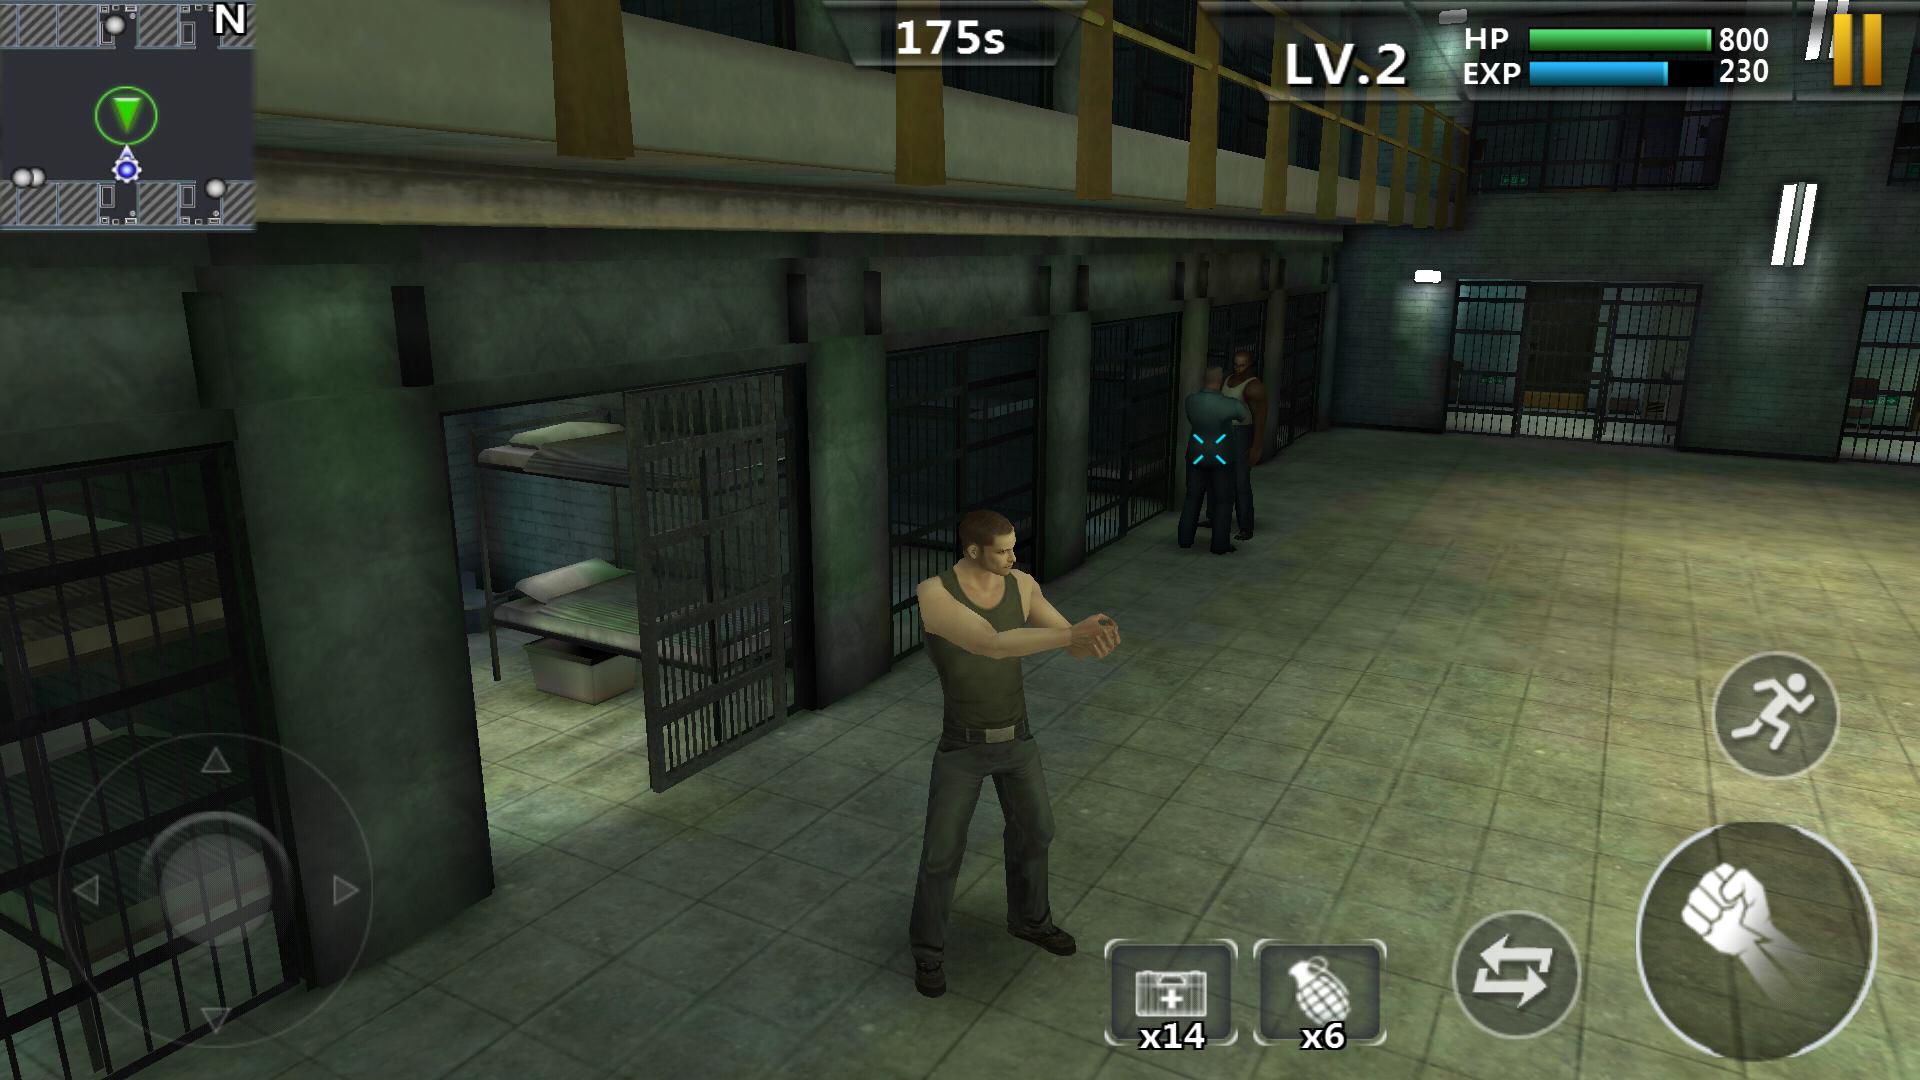 игровой автомат побег из тюрьмы